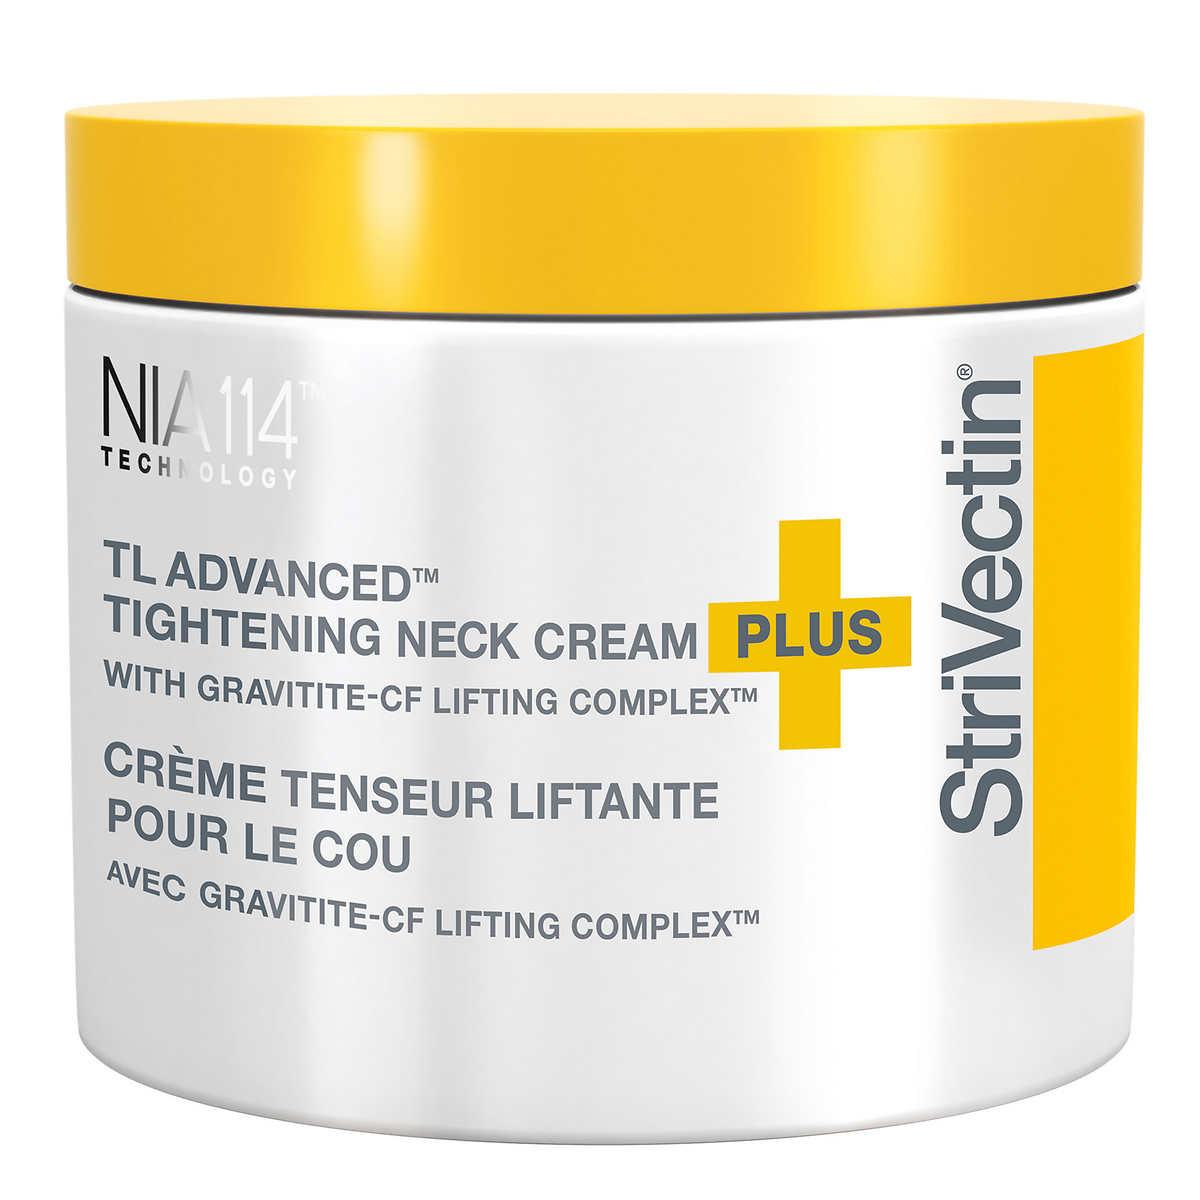 Strivectin Tl Advanced Neck Cream Plus 3 4 Fl Oz